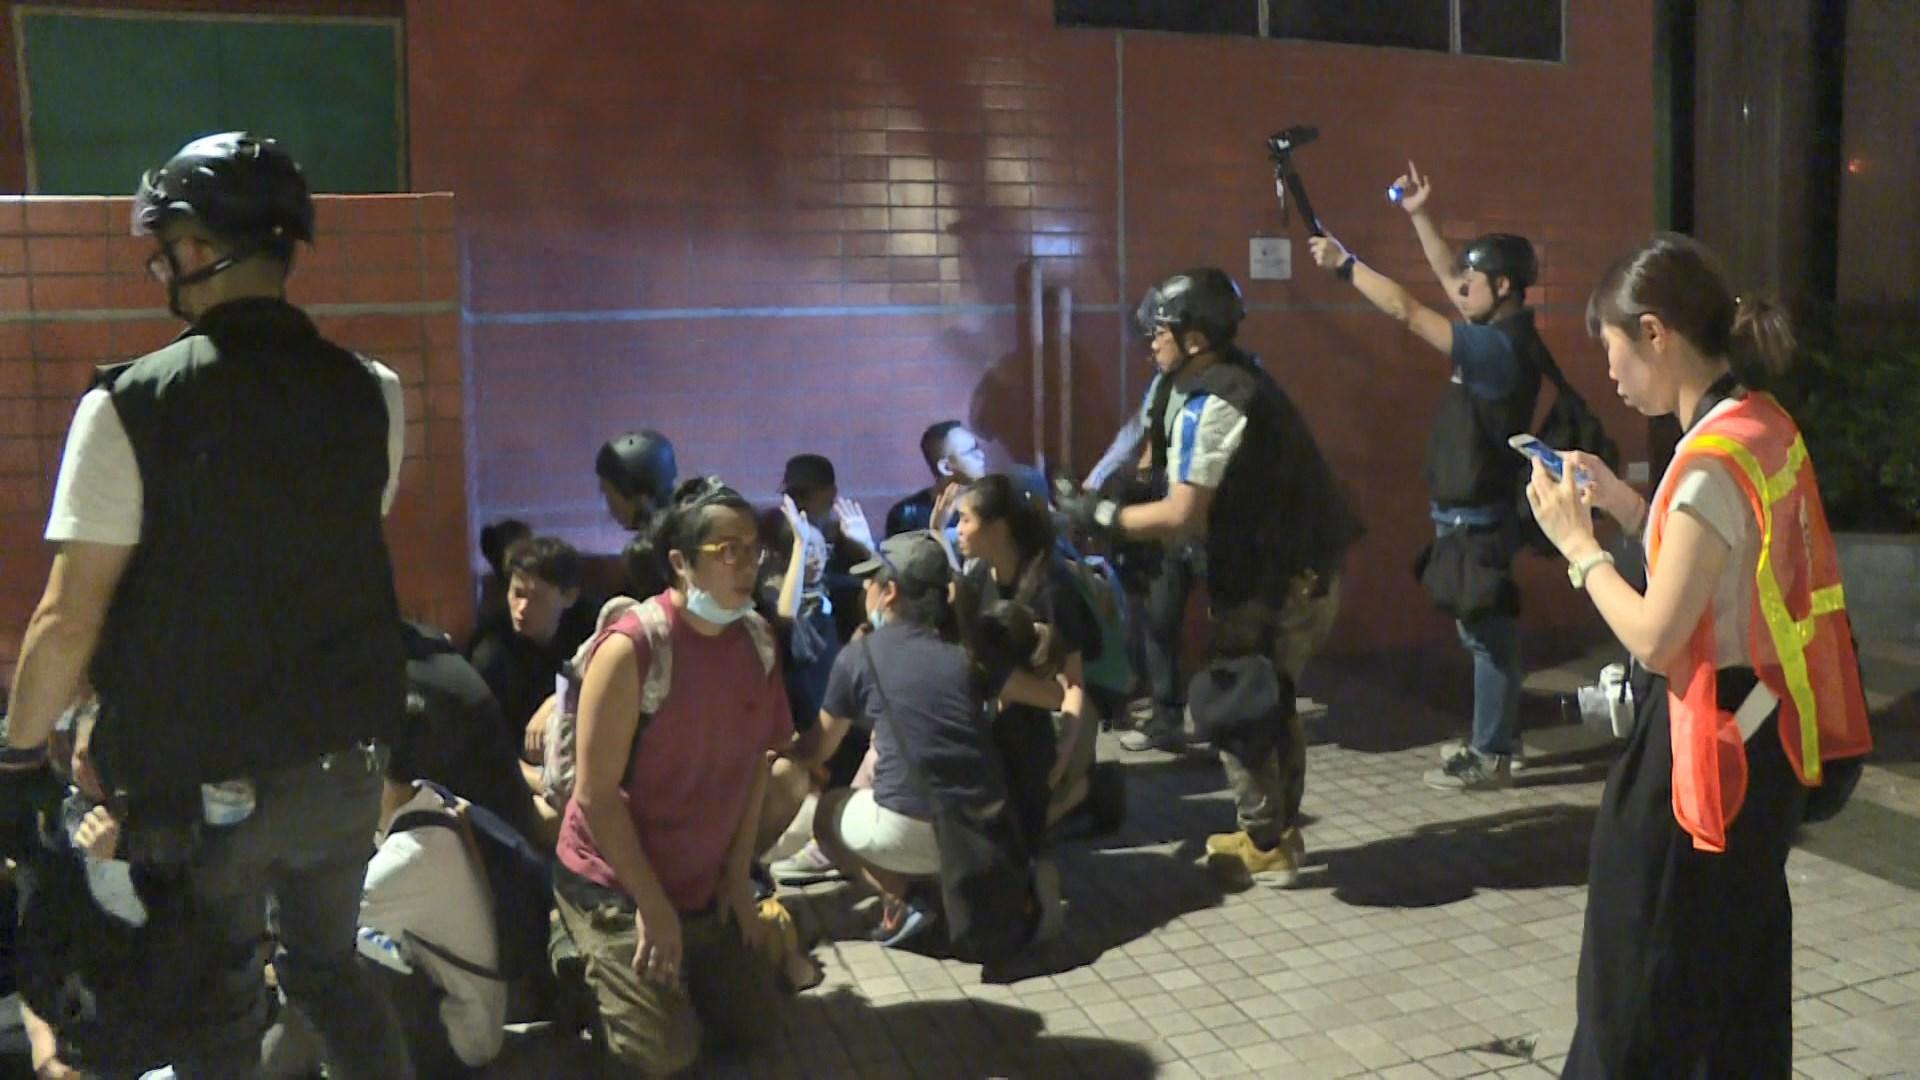 沙田衝突 警方包抄下示威者無路可走被捕